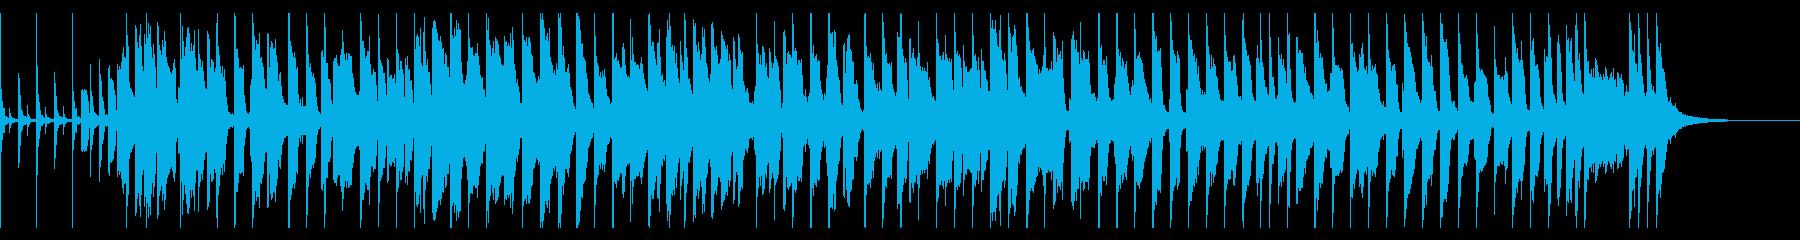 ノリノリのファンクの再生済みの波形